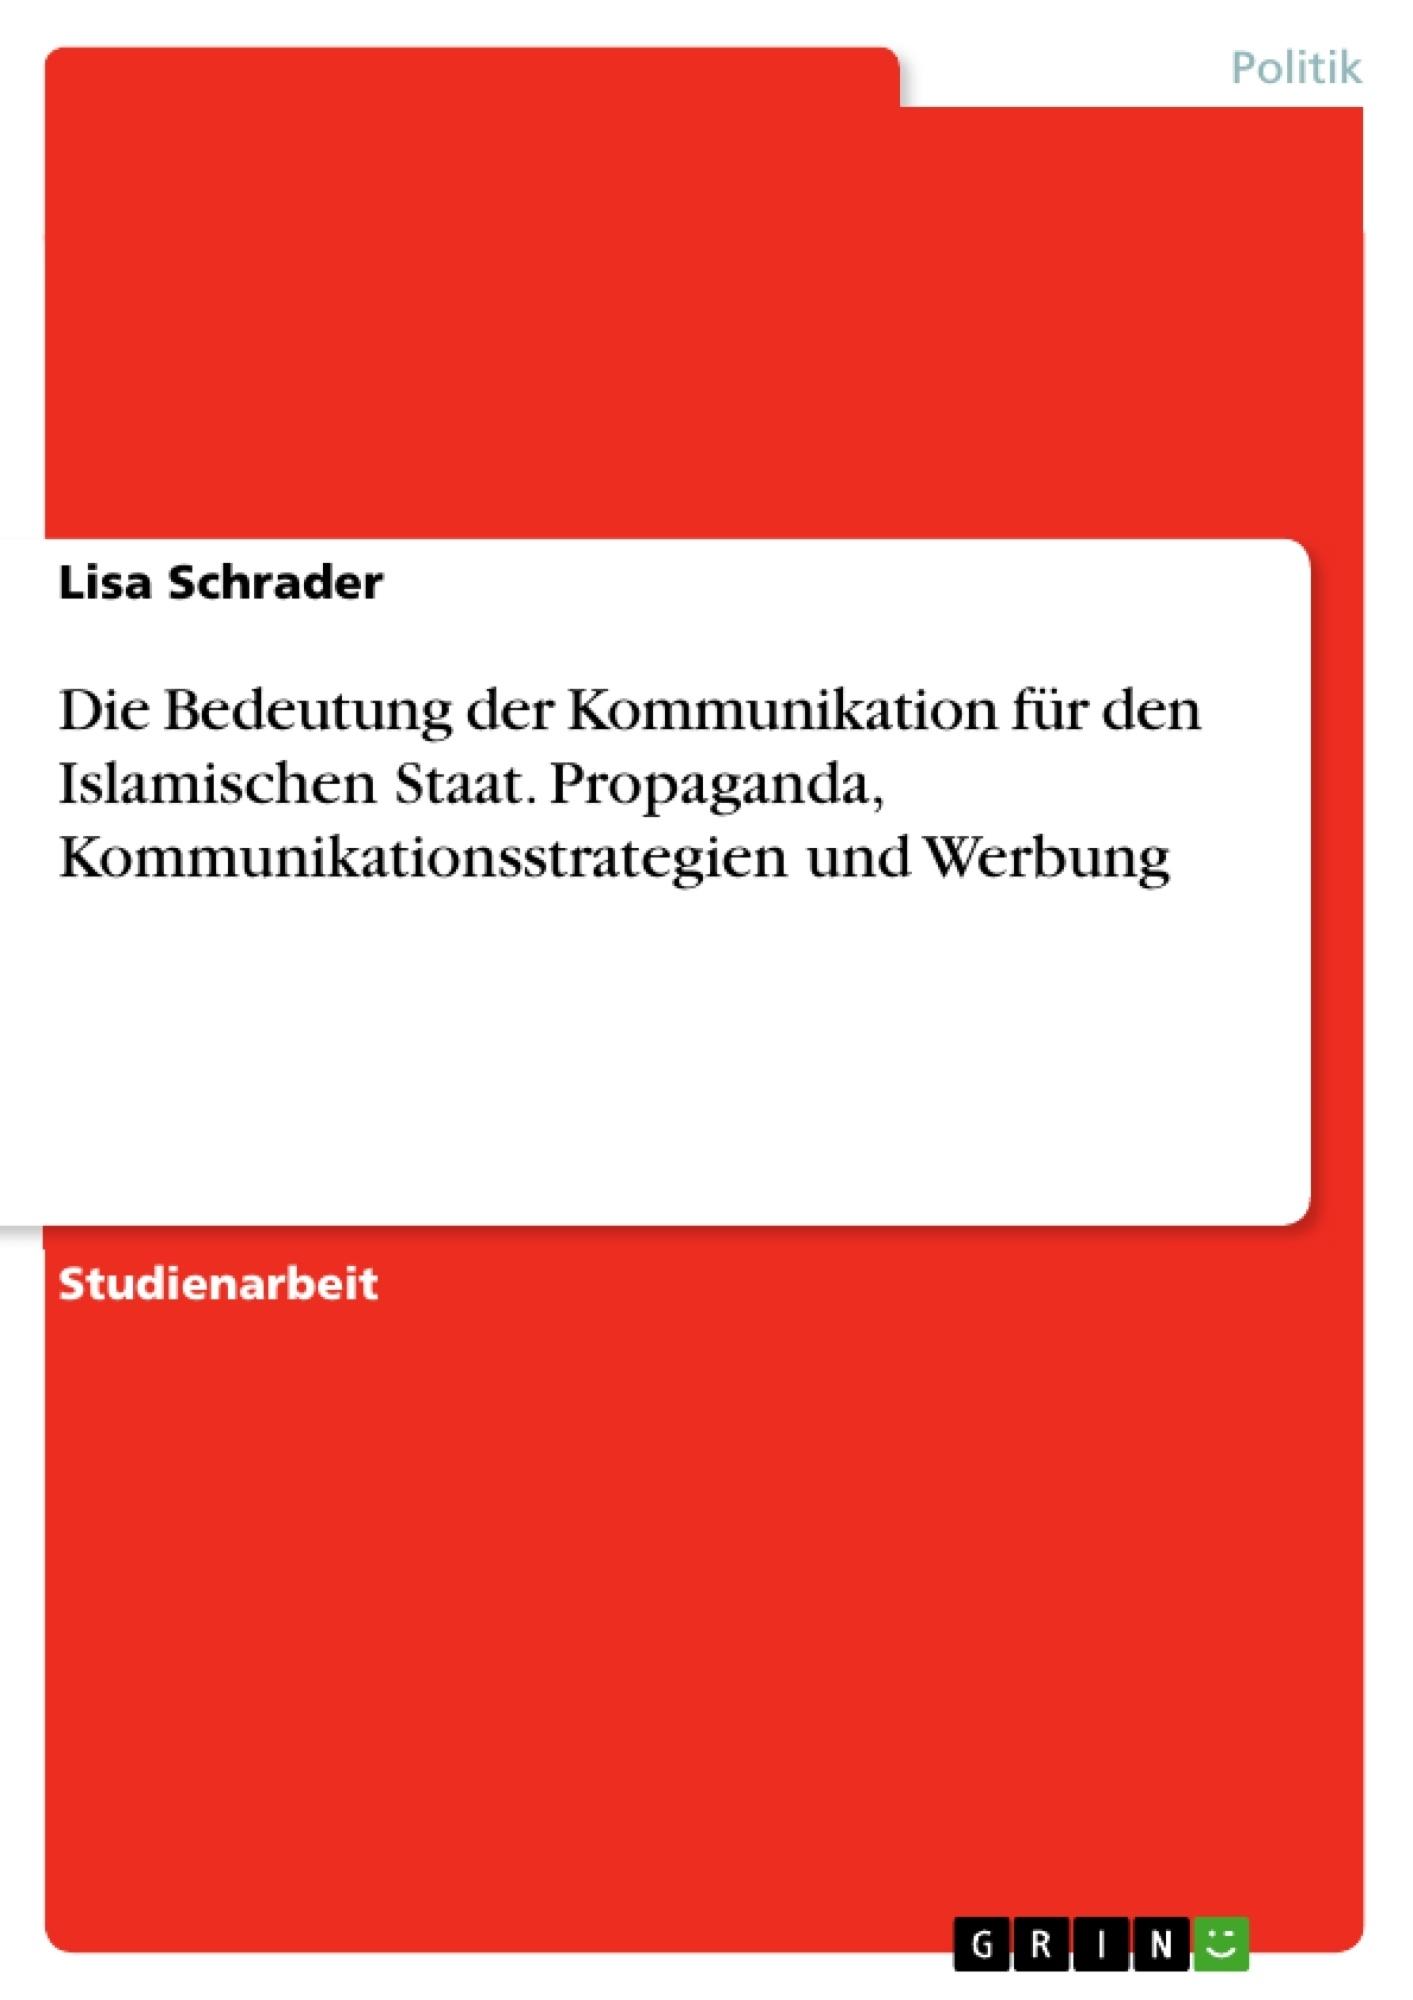 Titel: Die Bedeutung der Kommunikation für den Islamischen Staat. Propaganda, Kommunikationsstrategien und Werbung